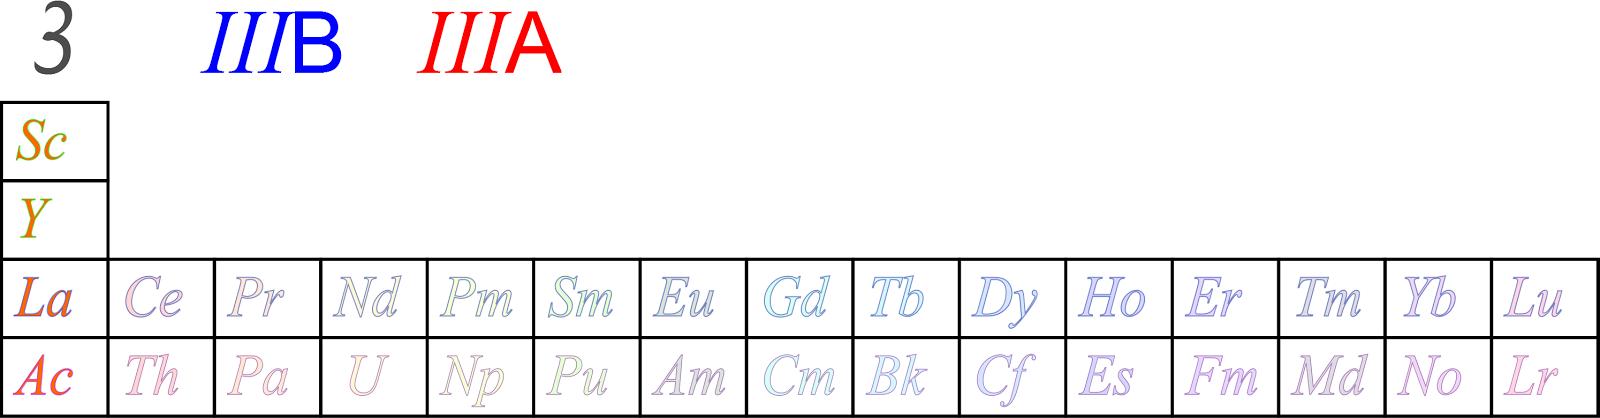 Ciencias de joseleg 3 estructura de la tabla periodica bloques y aunque el grupo no tiene un nombre trivial se lo puede llamar el grupo de las tierras raras ms el escandio y el itrio no poseen propiedades comunes urtaz Images